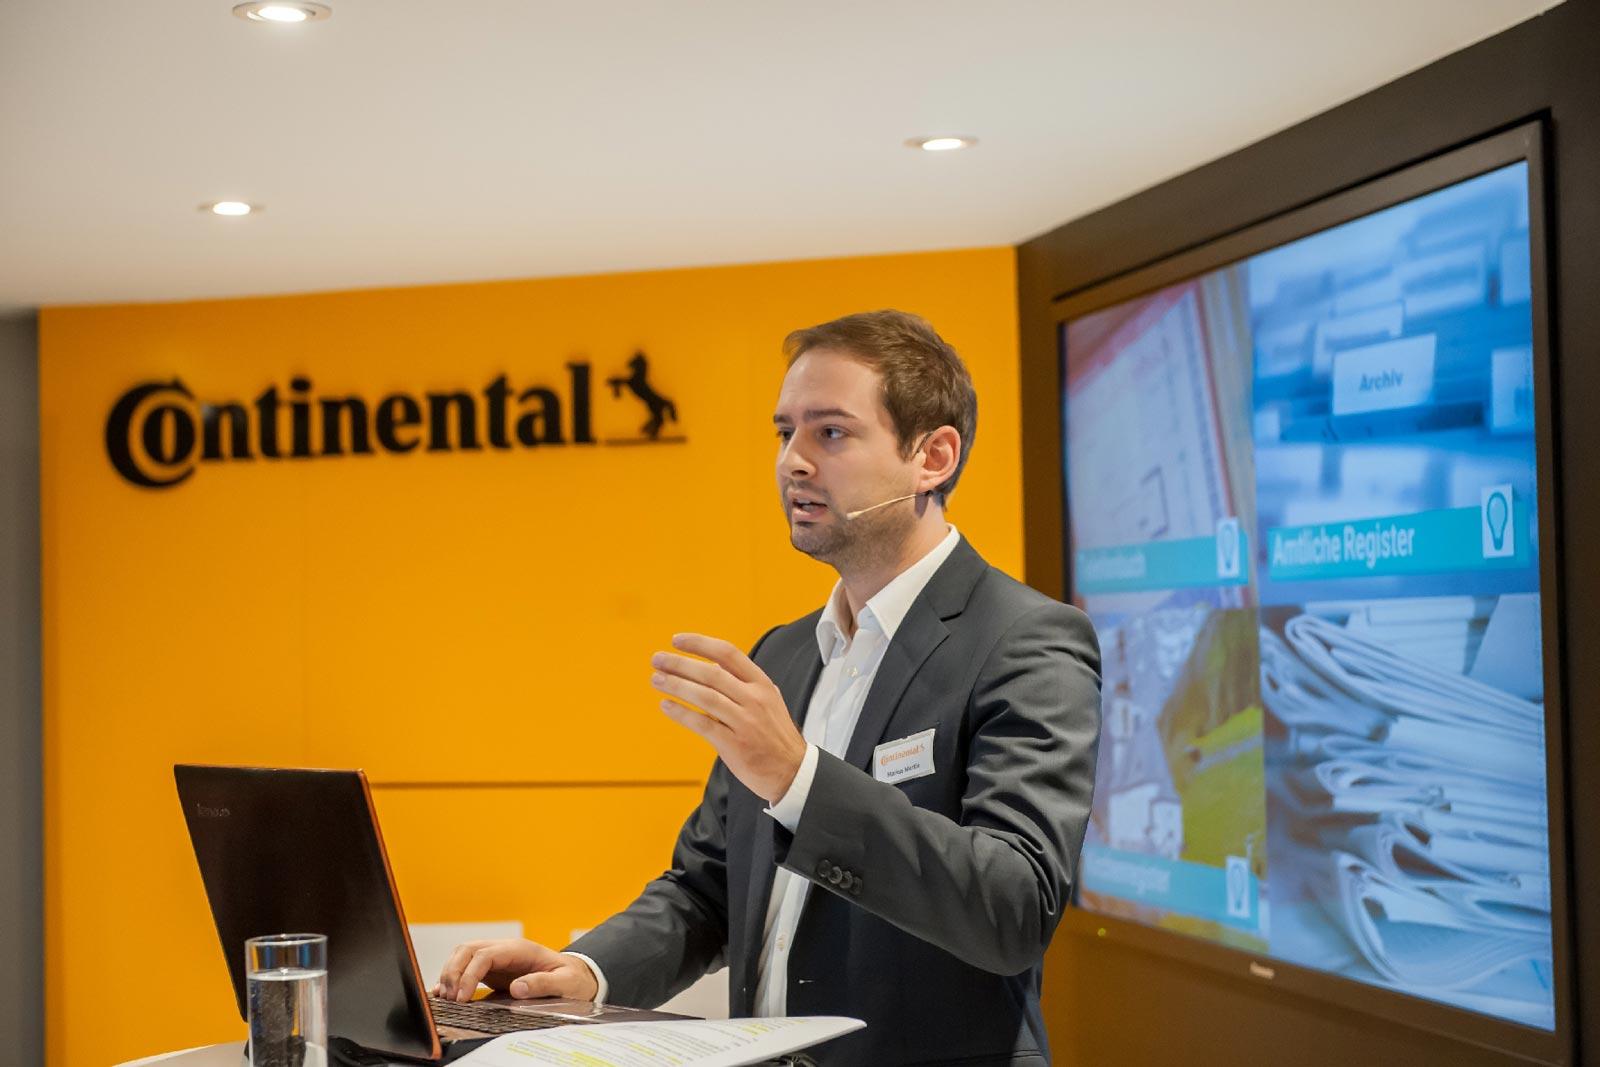 mecodia Mitarbeiter bei Continental der Vortrag hält